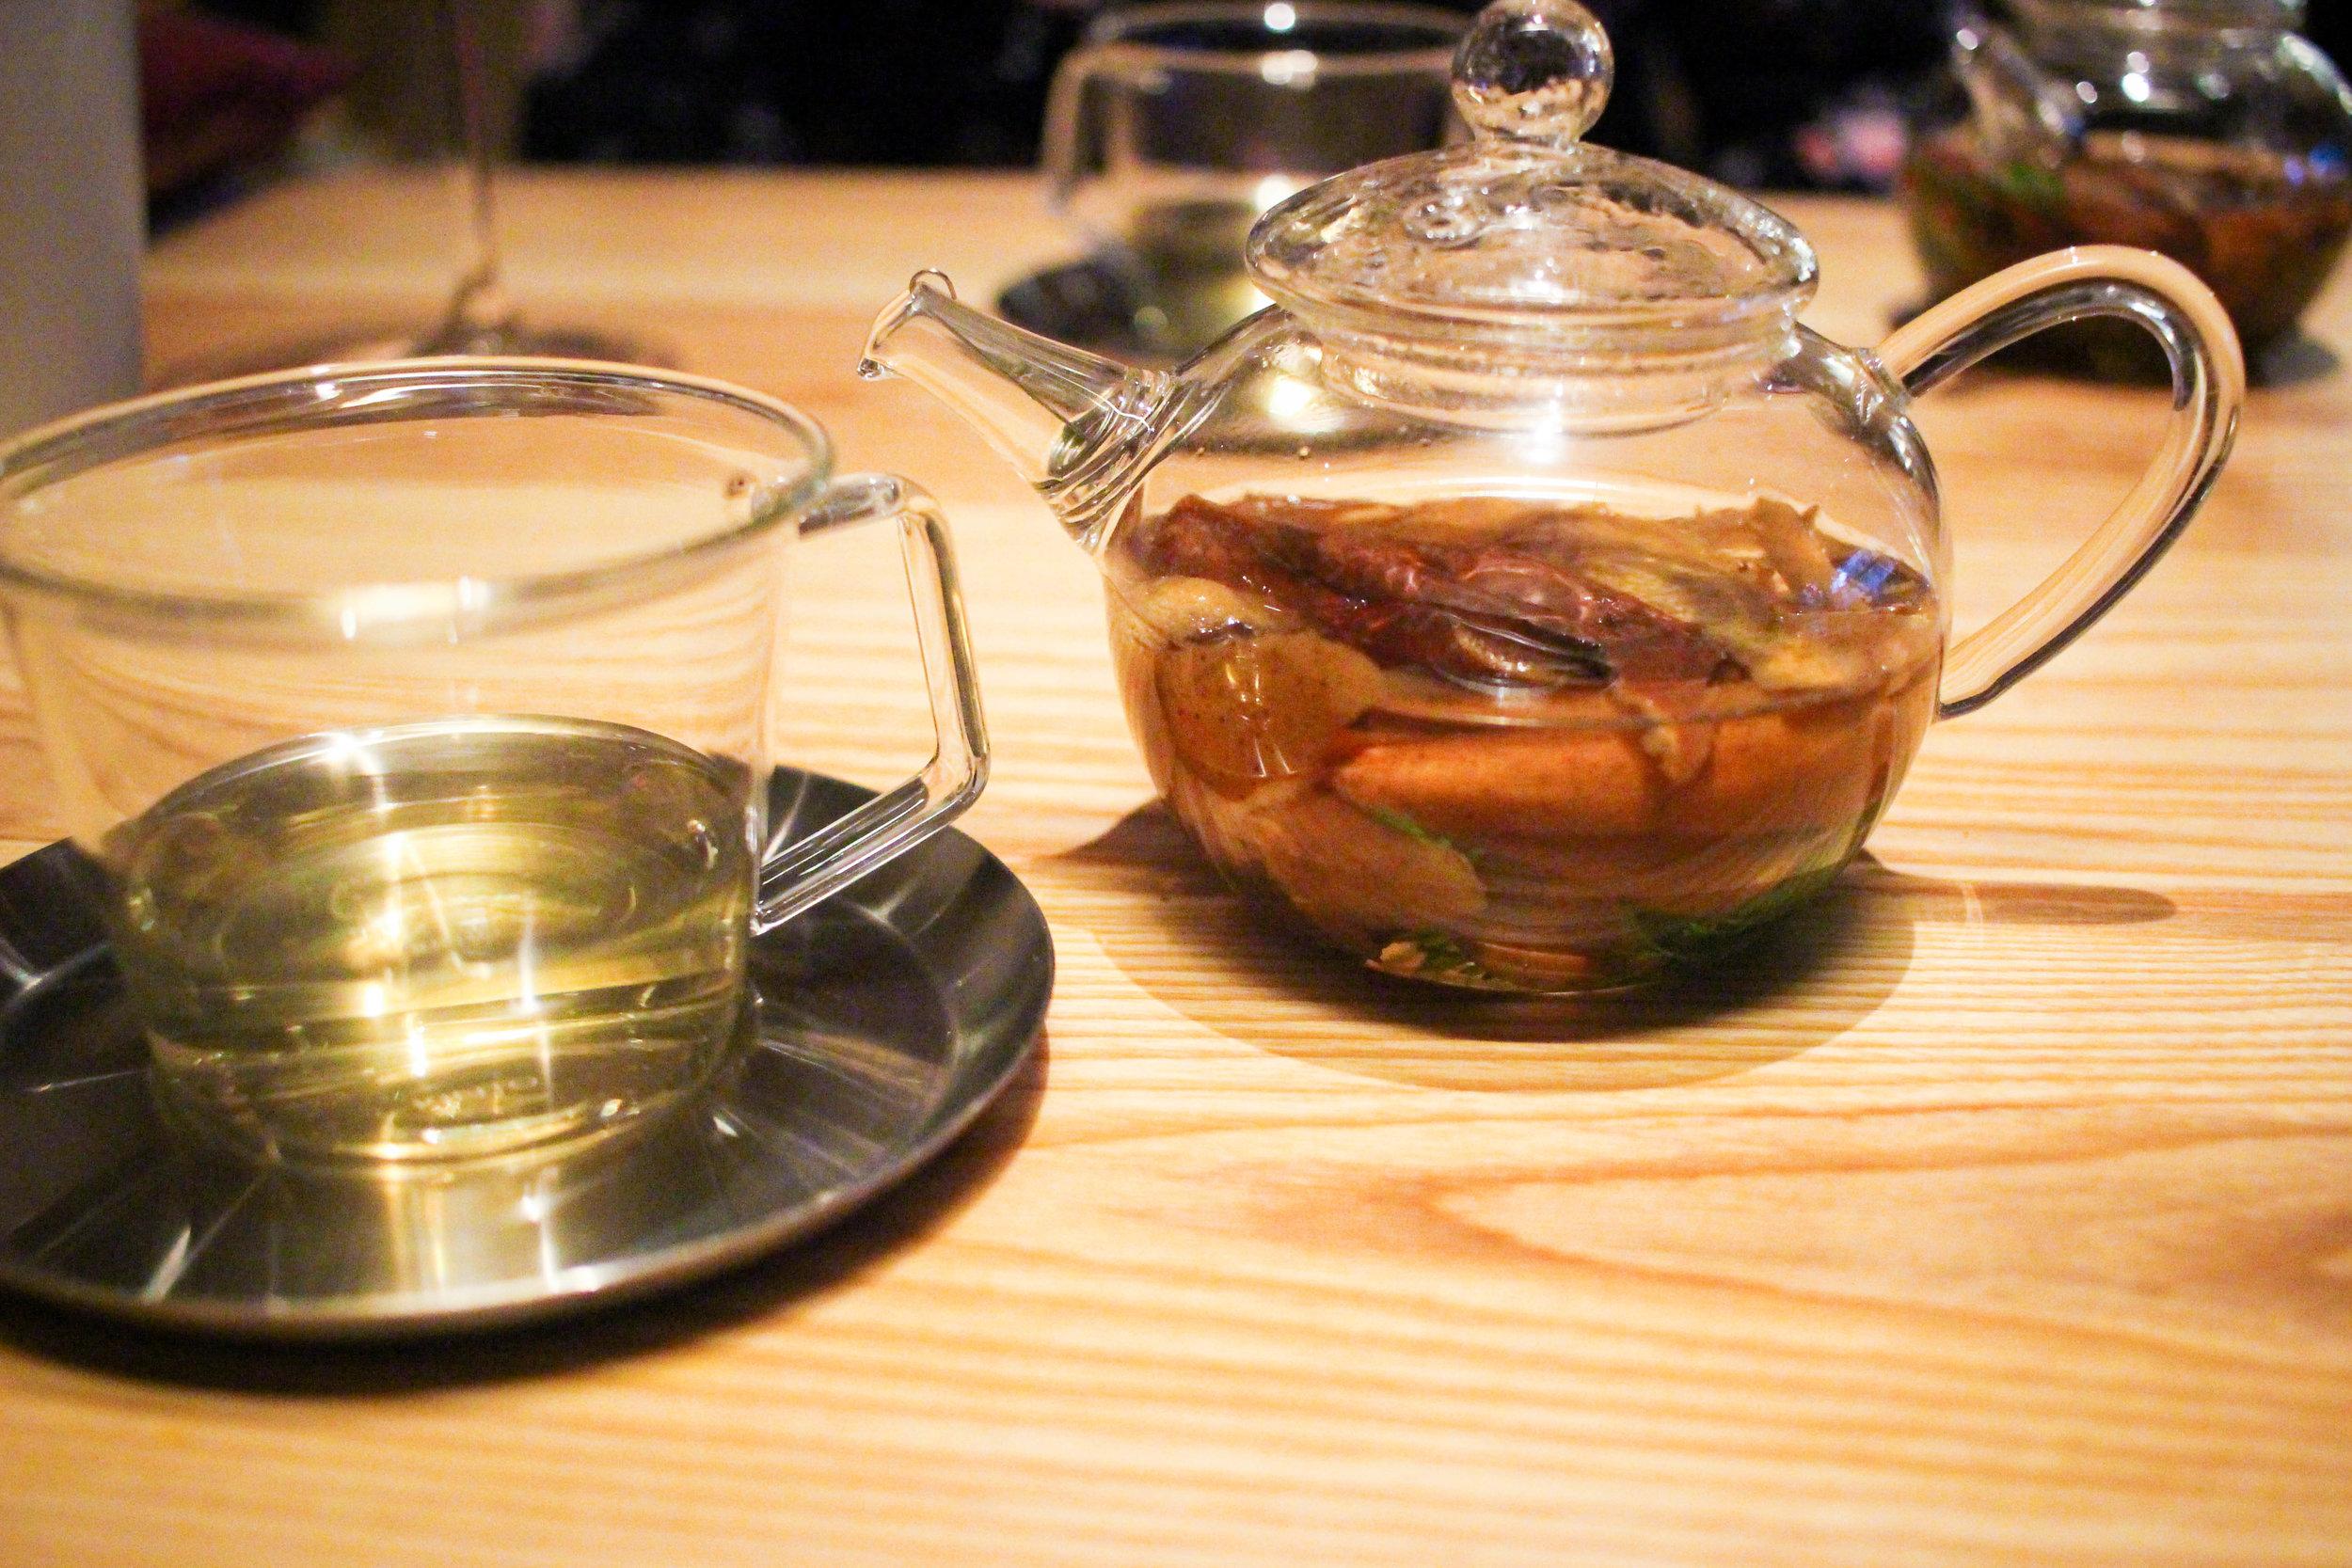 Tea of marigold and apple peels